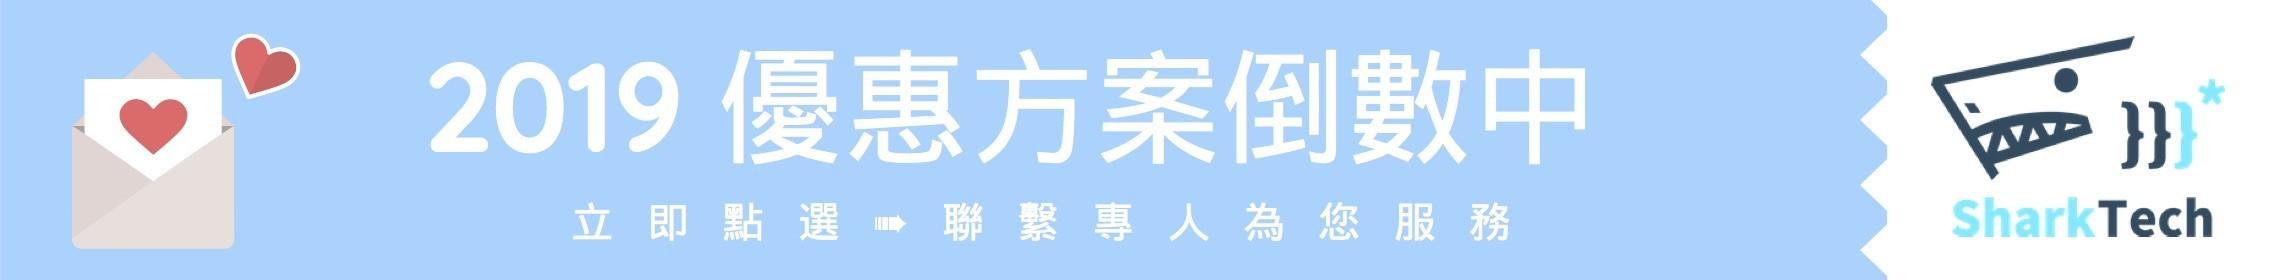 2019網頁設計方案優惠倒數中-鯊客科技SEO優化網站設計公司